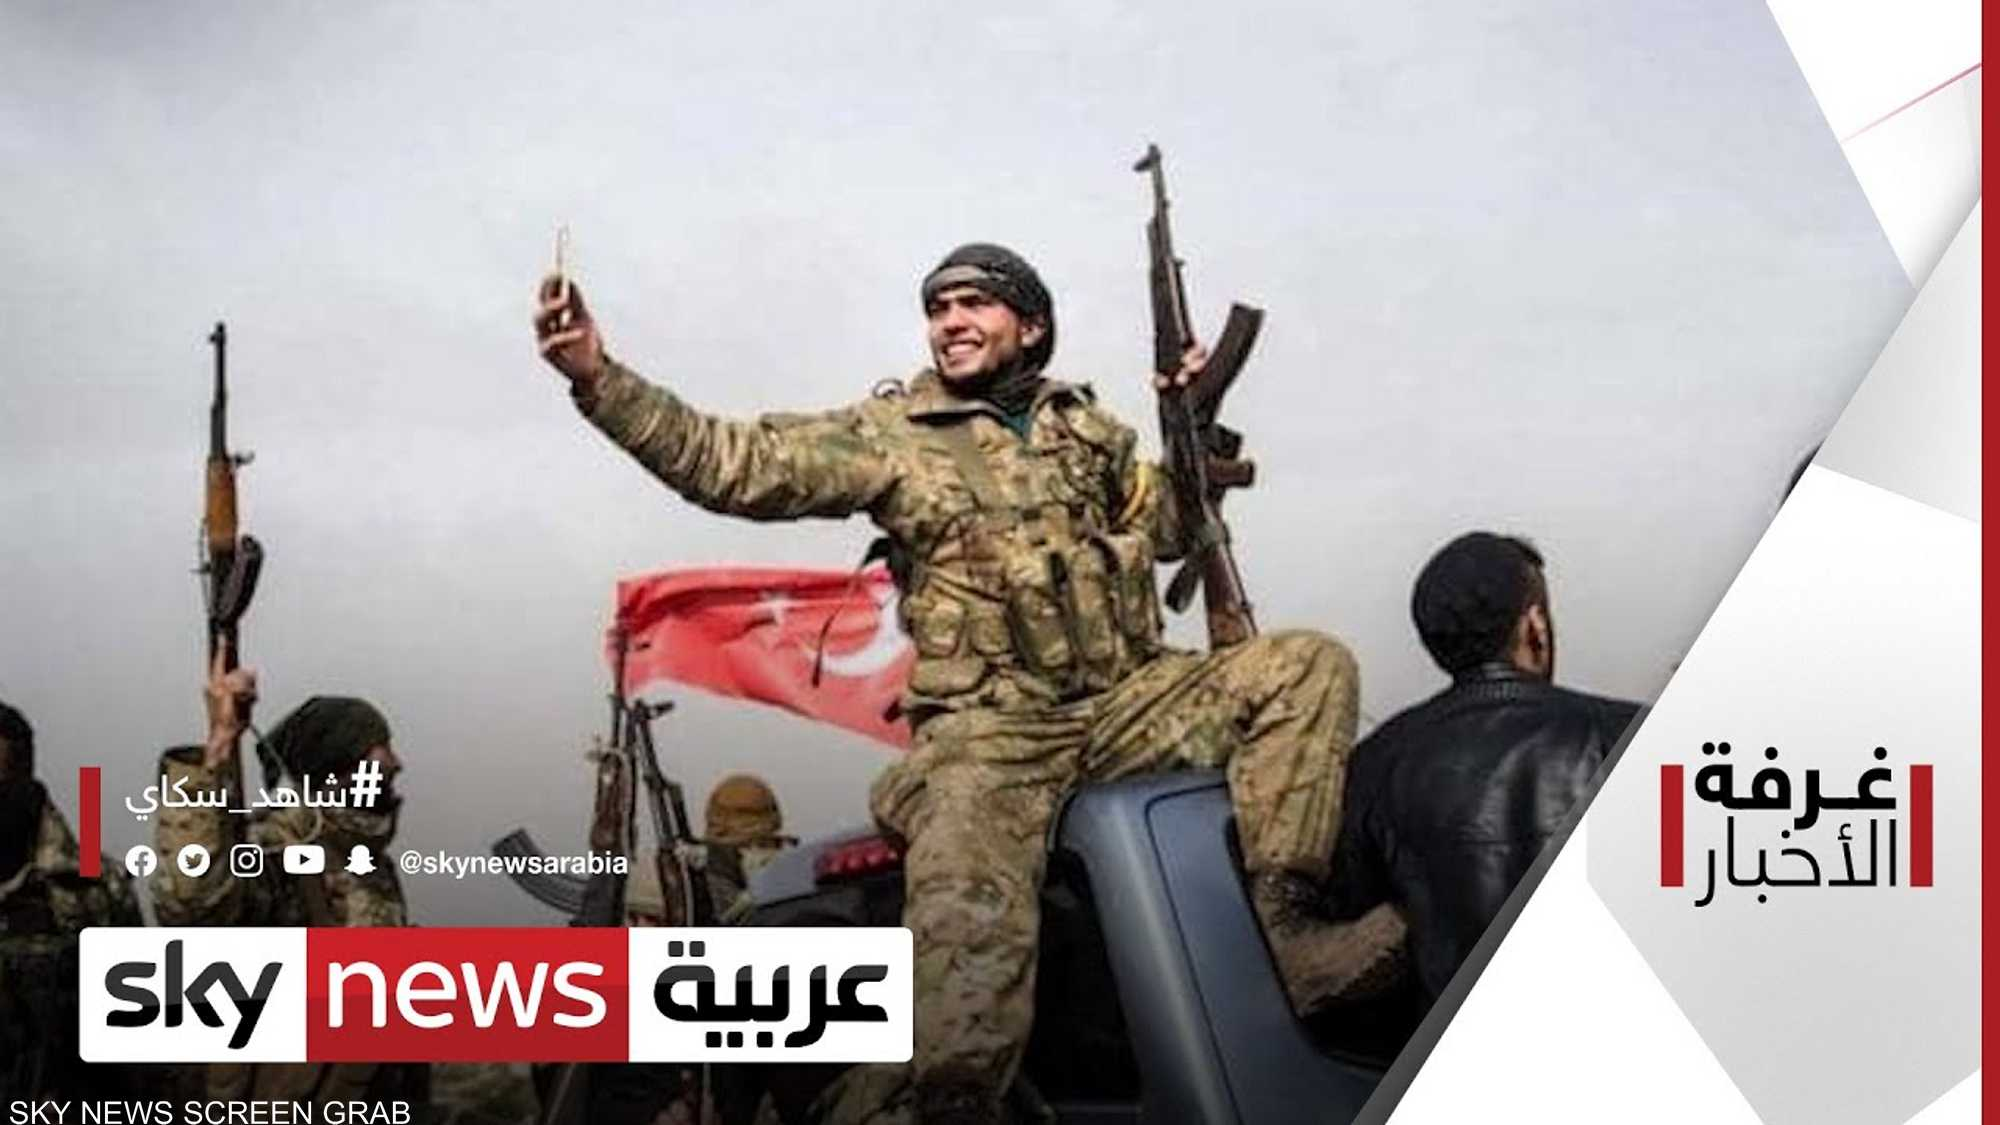 ليبيا.. حلول مؤجلة لأزمة المرتزقة